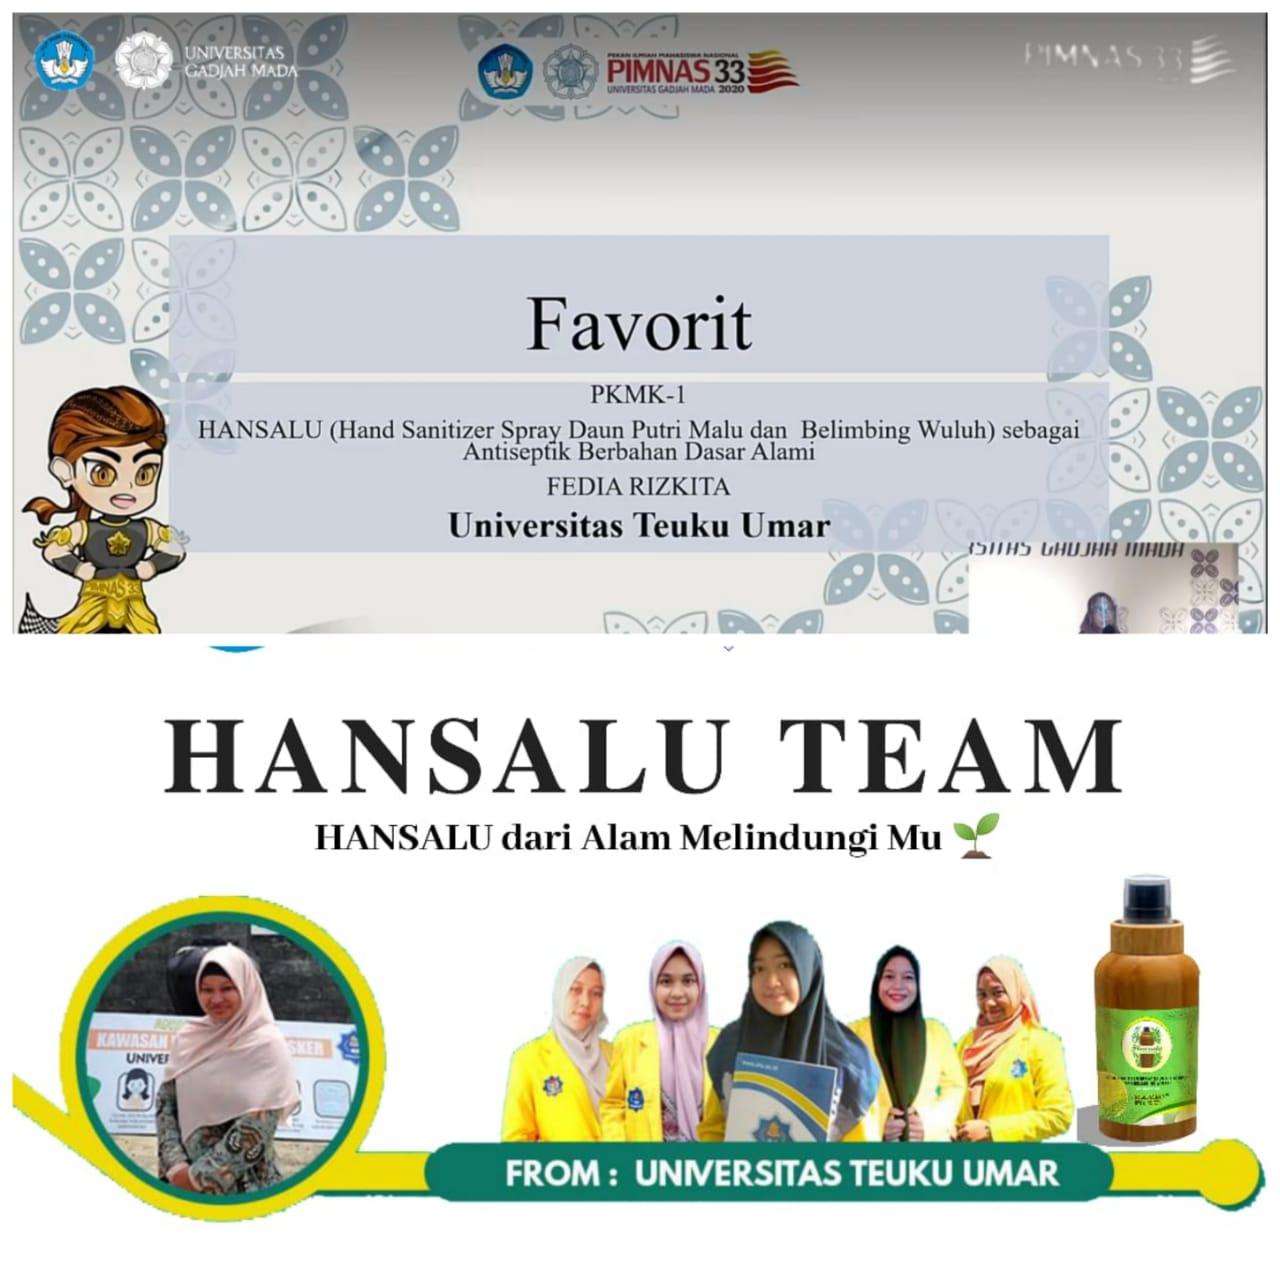 Implementasi Kampus Merdeka: Mahasiswa UTU Raih Juara Favorit PIMNAS